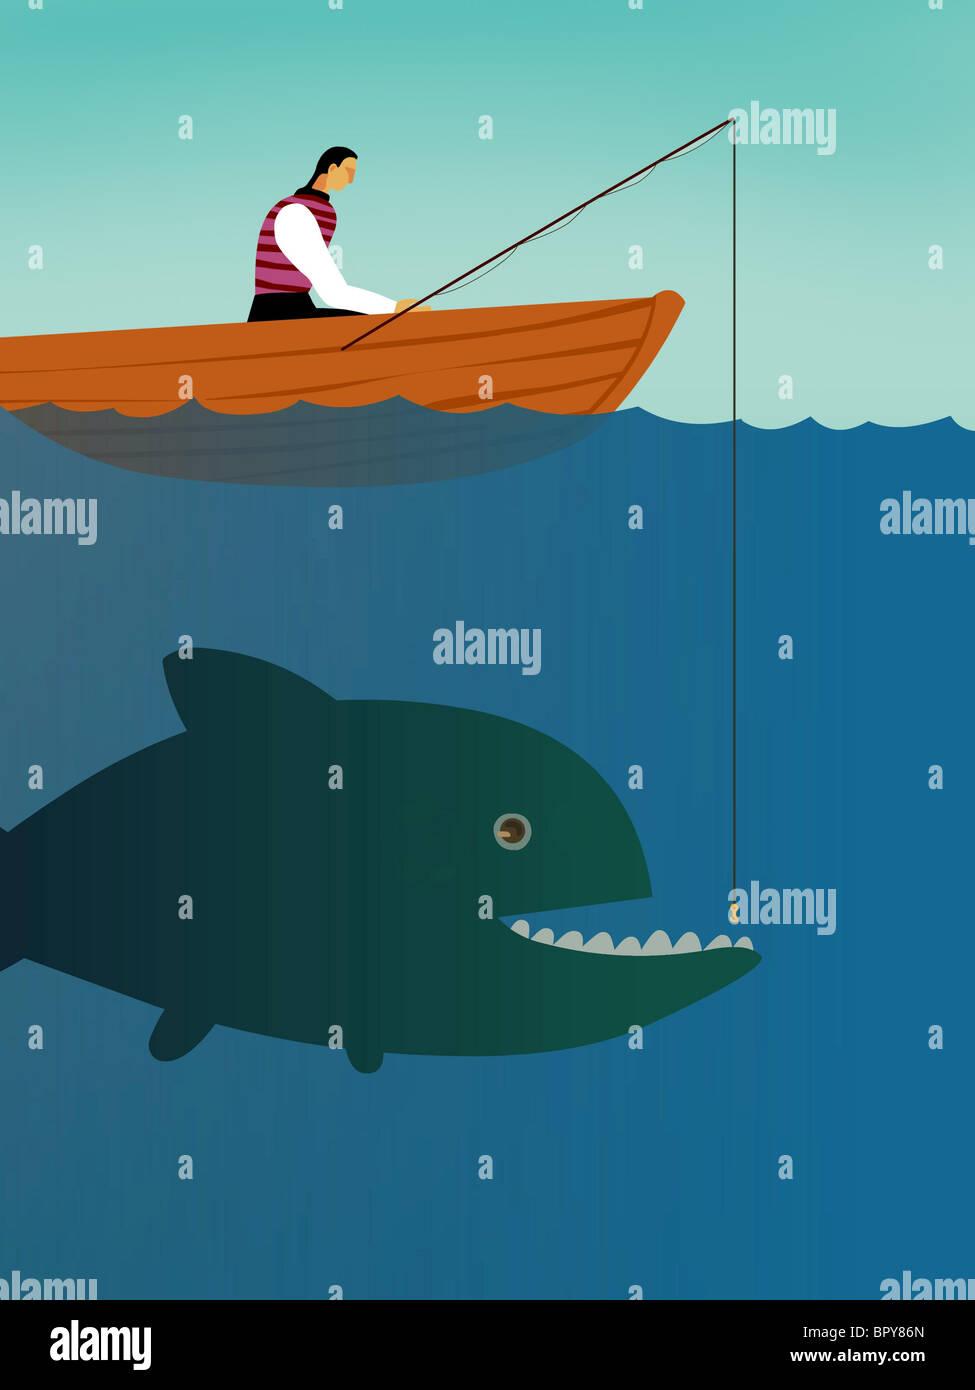 Ein Geschäftsmann auf einem Boot versucht, einen großen Fisch zu fangen Stockbild